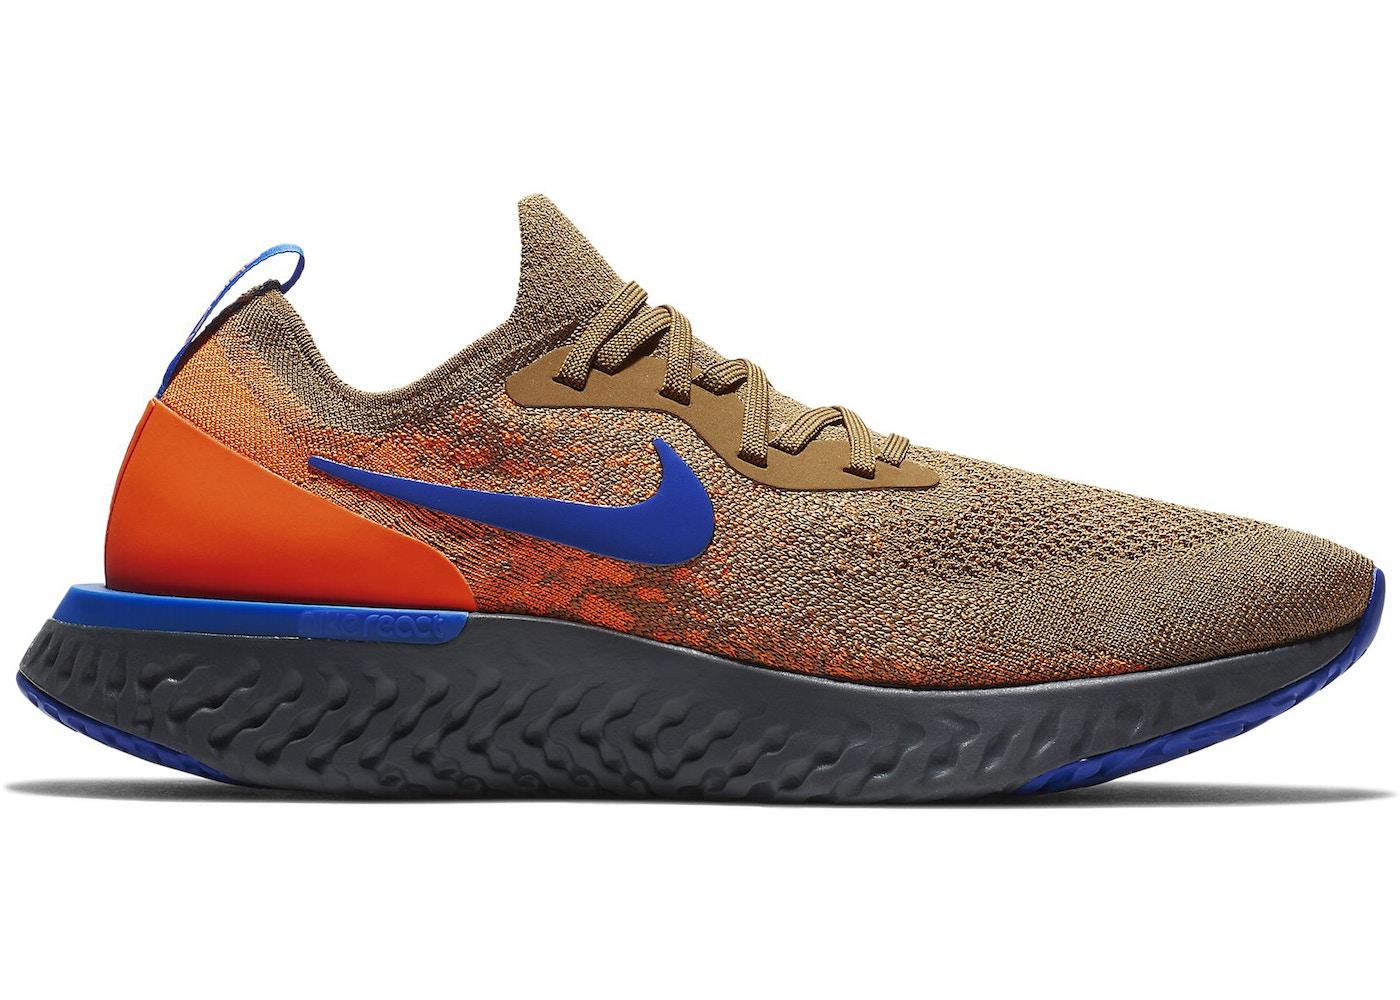 1d87644dd04f8 Nike Epic React Flyknit Golden Beige Racer Blue - AV8068-200